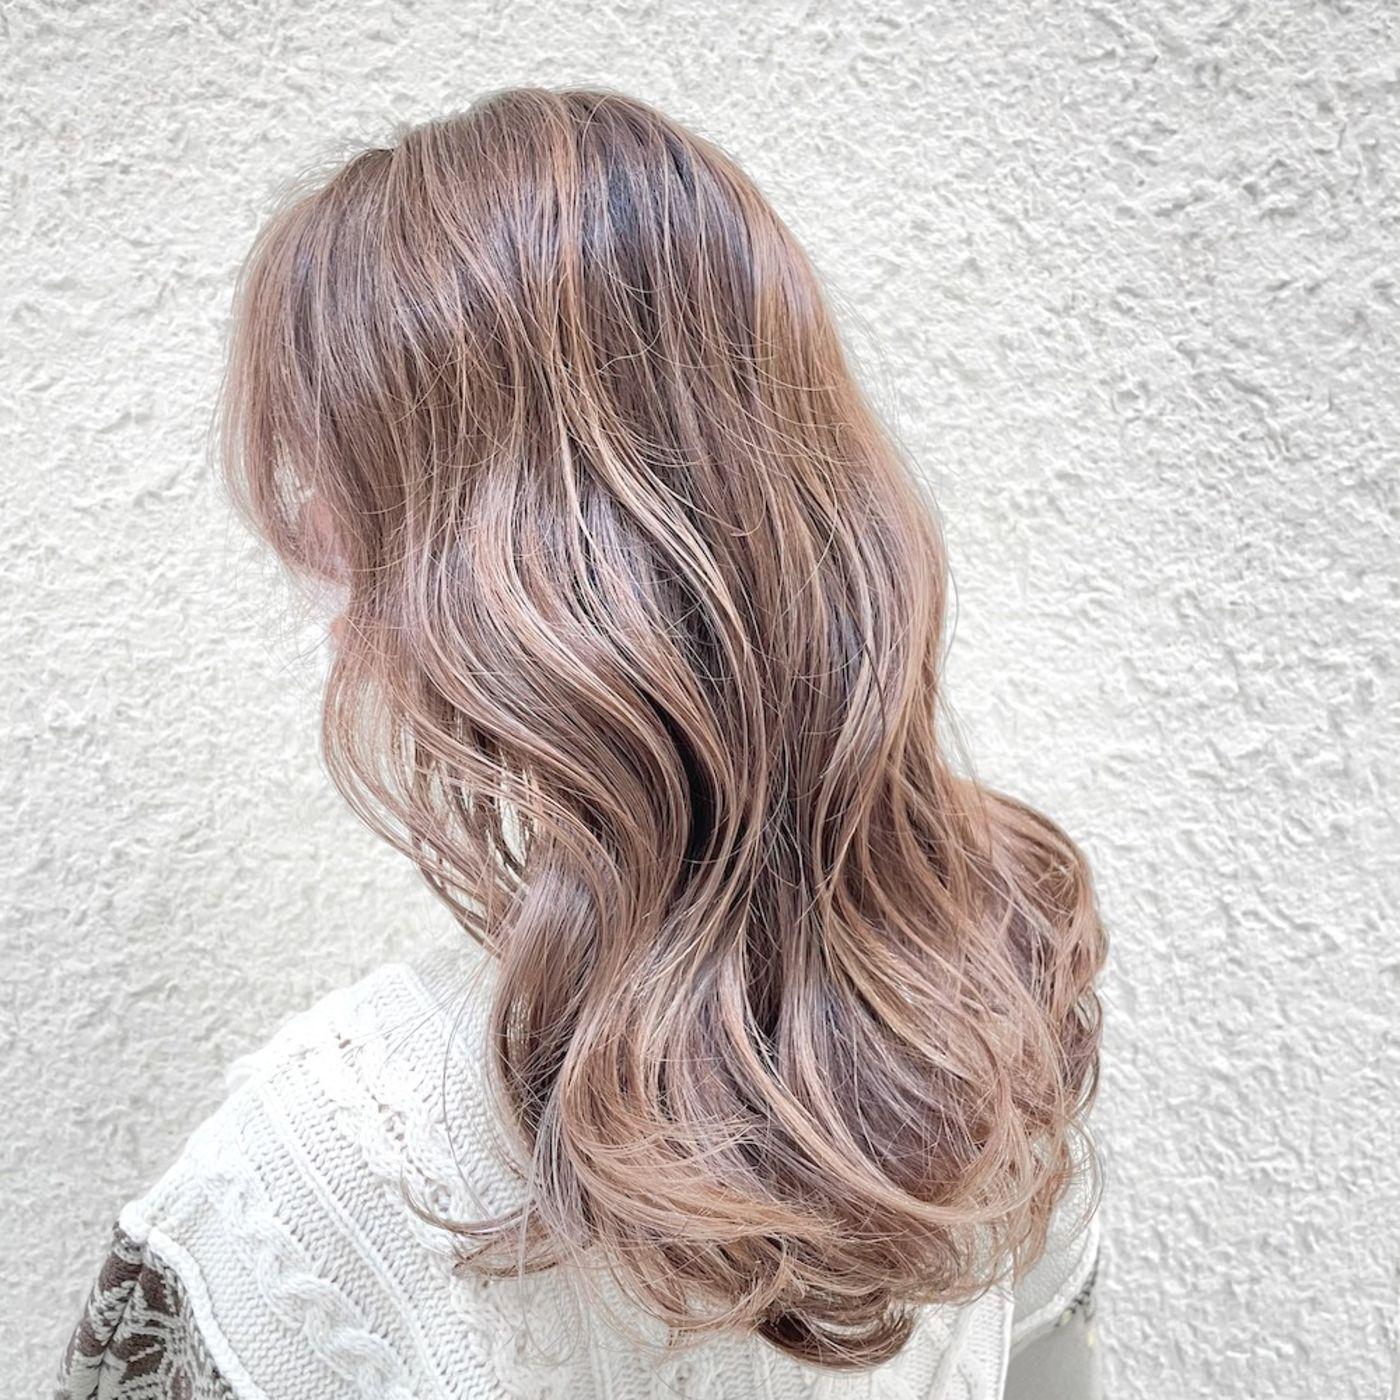 方法② 【ハイライト】を使って白髪ぼかし&明るくする